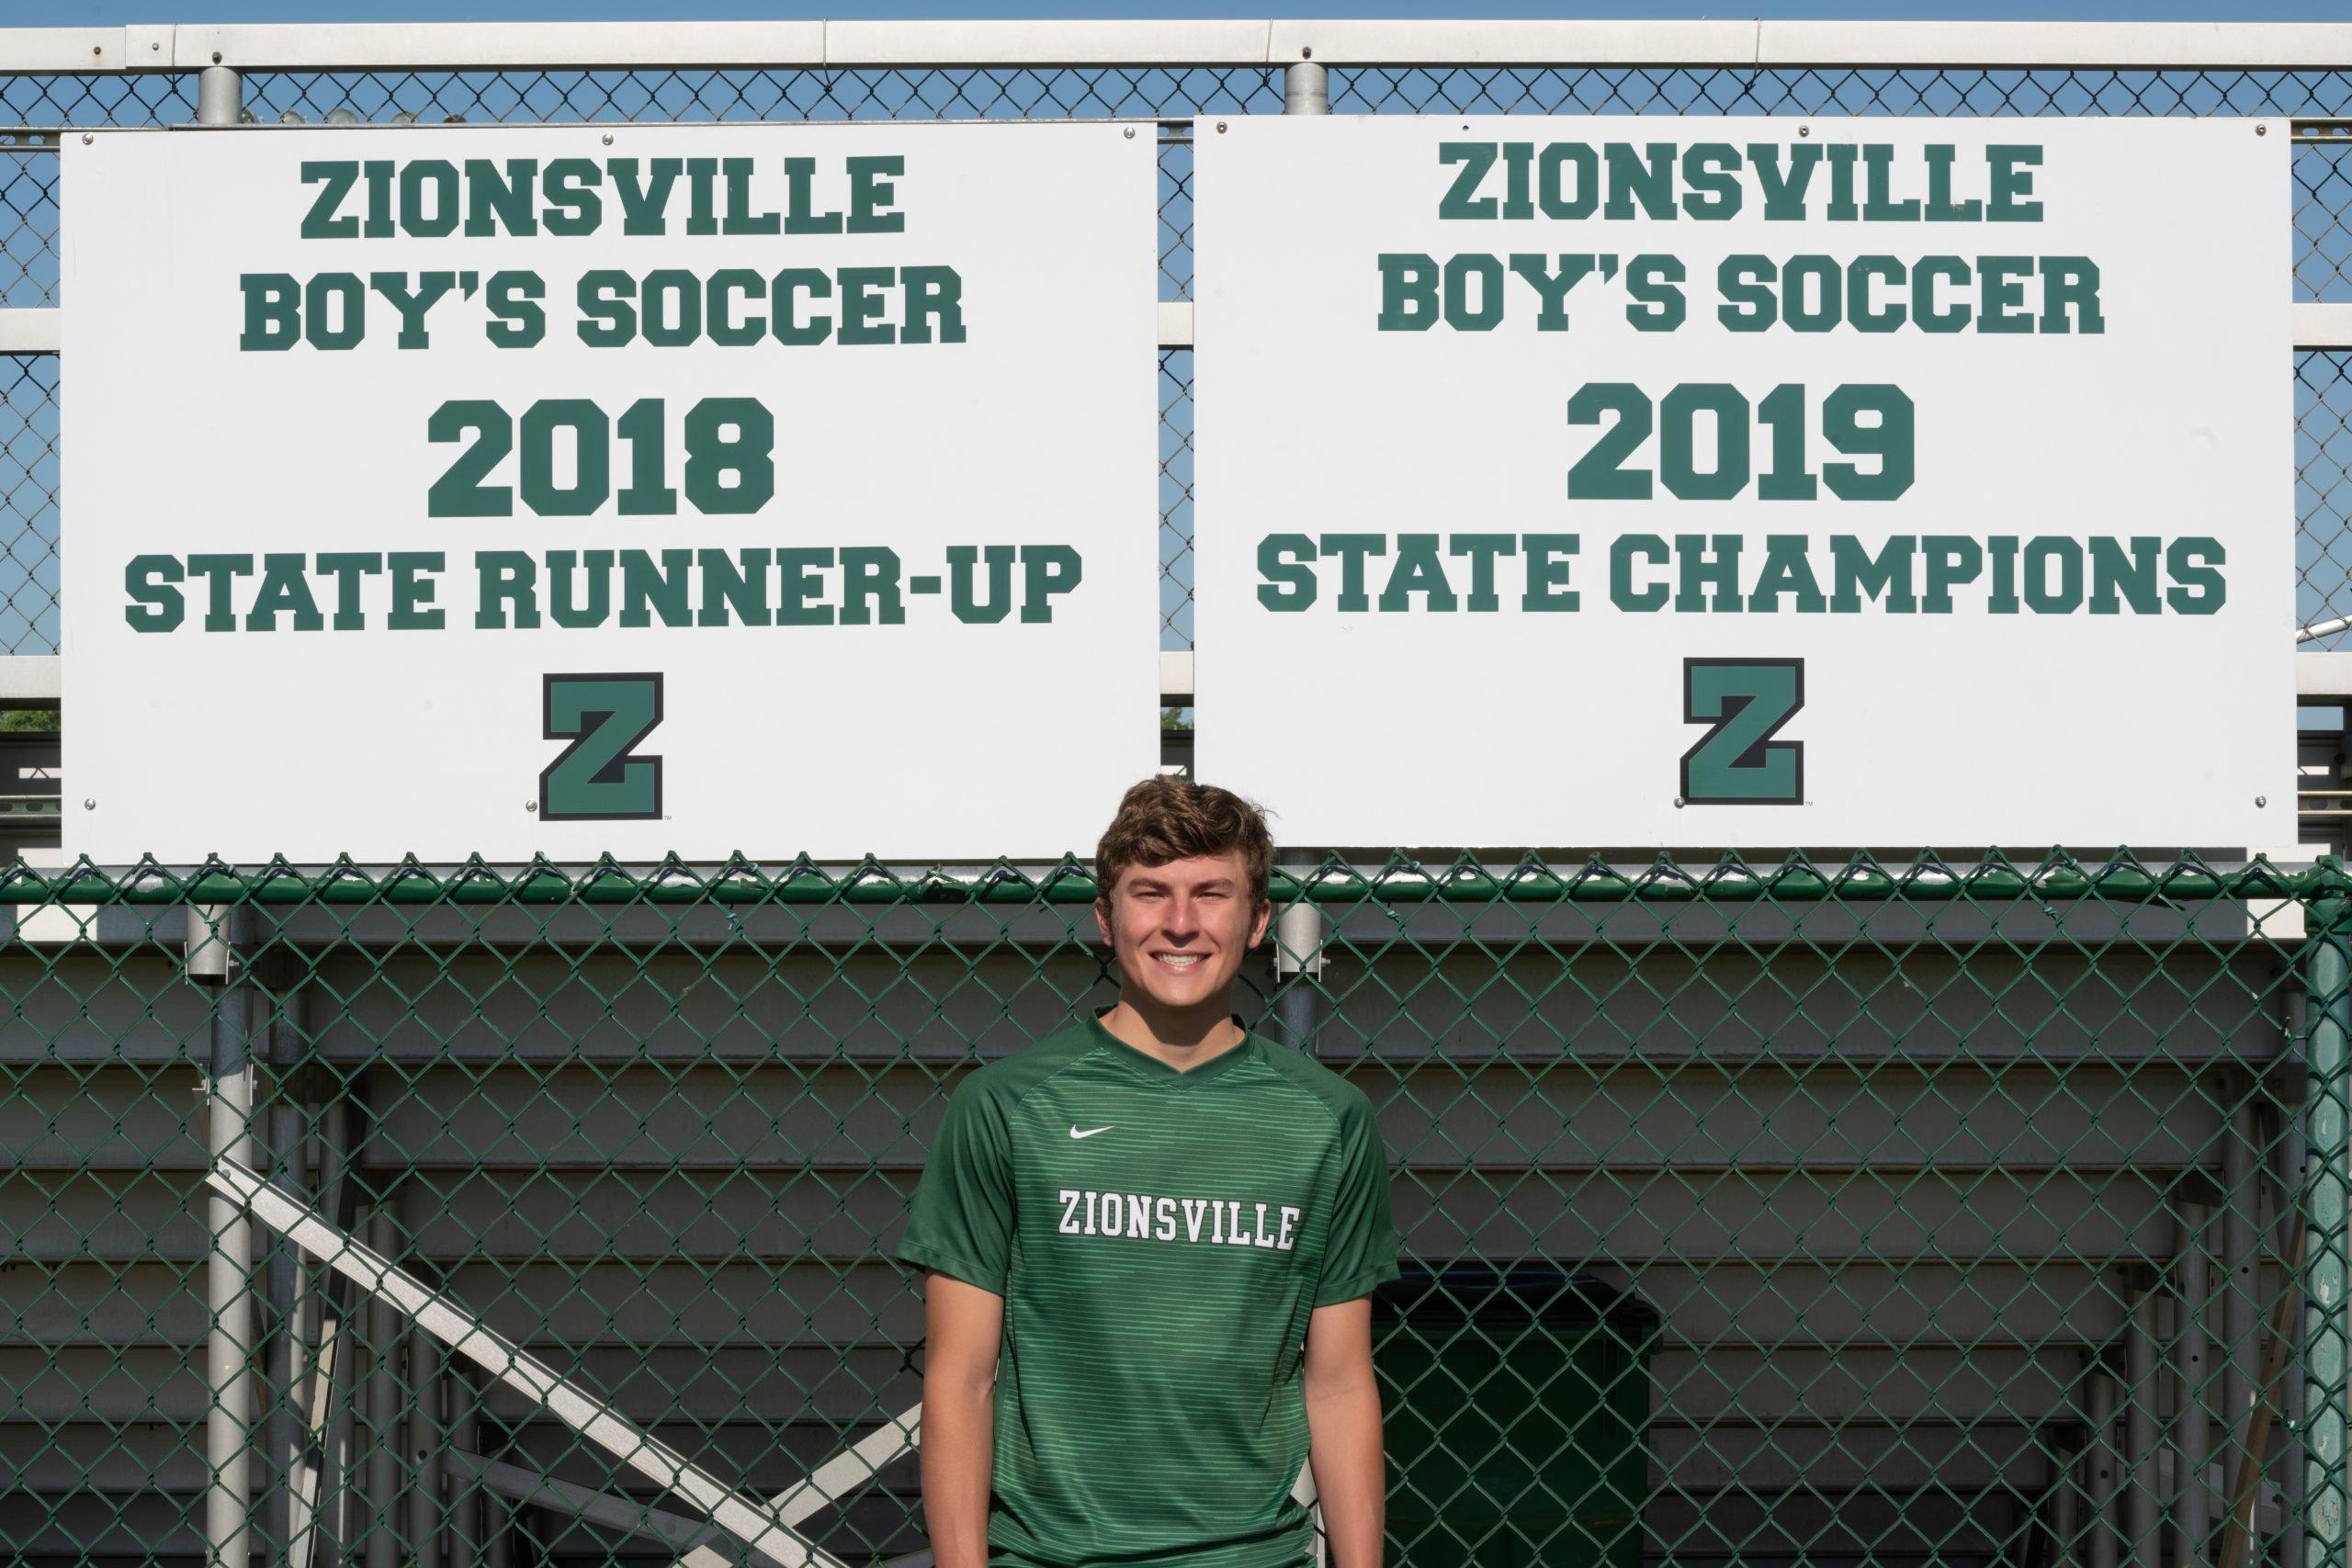 Zionsville's Chris Freeman